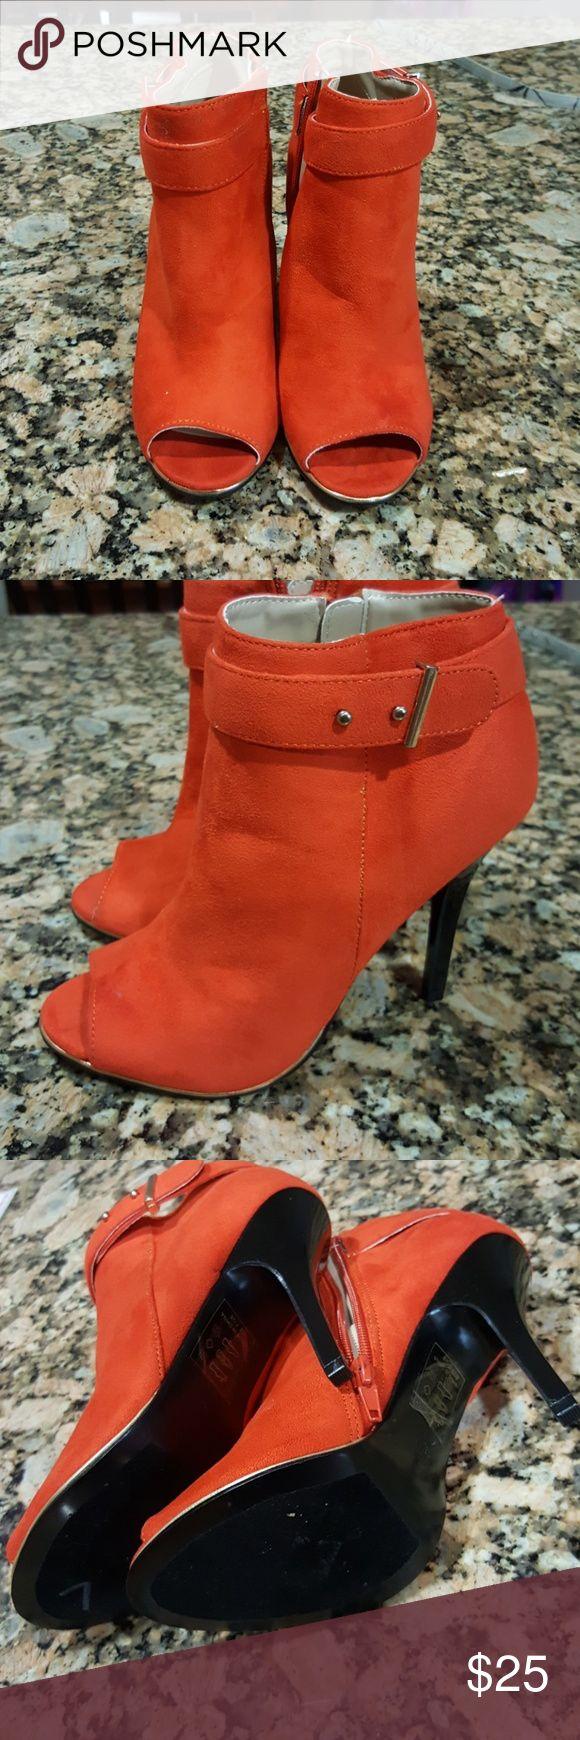 """💛Shoe Dazzle Orange heels boots Size 7 Shoe Dazzle Orange heels boots Women's Size 7, 4"""" heel height Worn one time Shoe Dazzle Shoes Heeled Boots"""